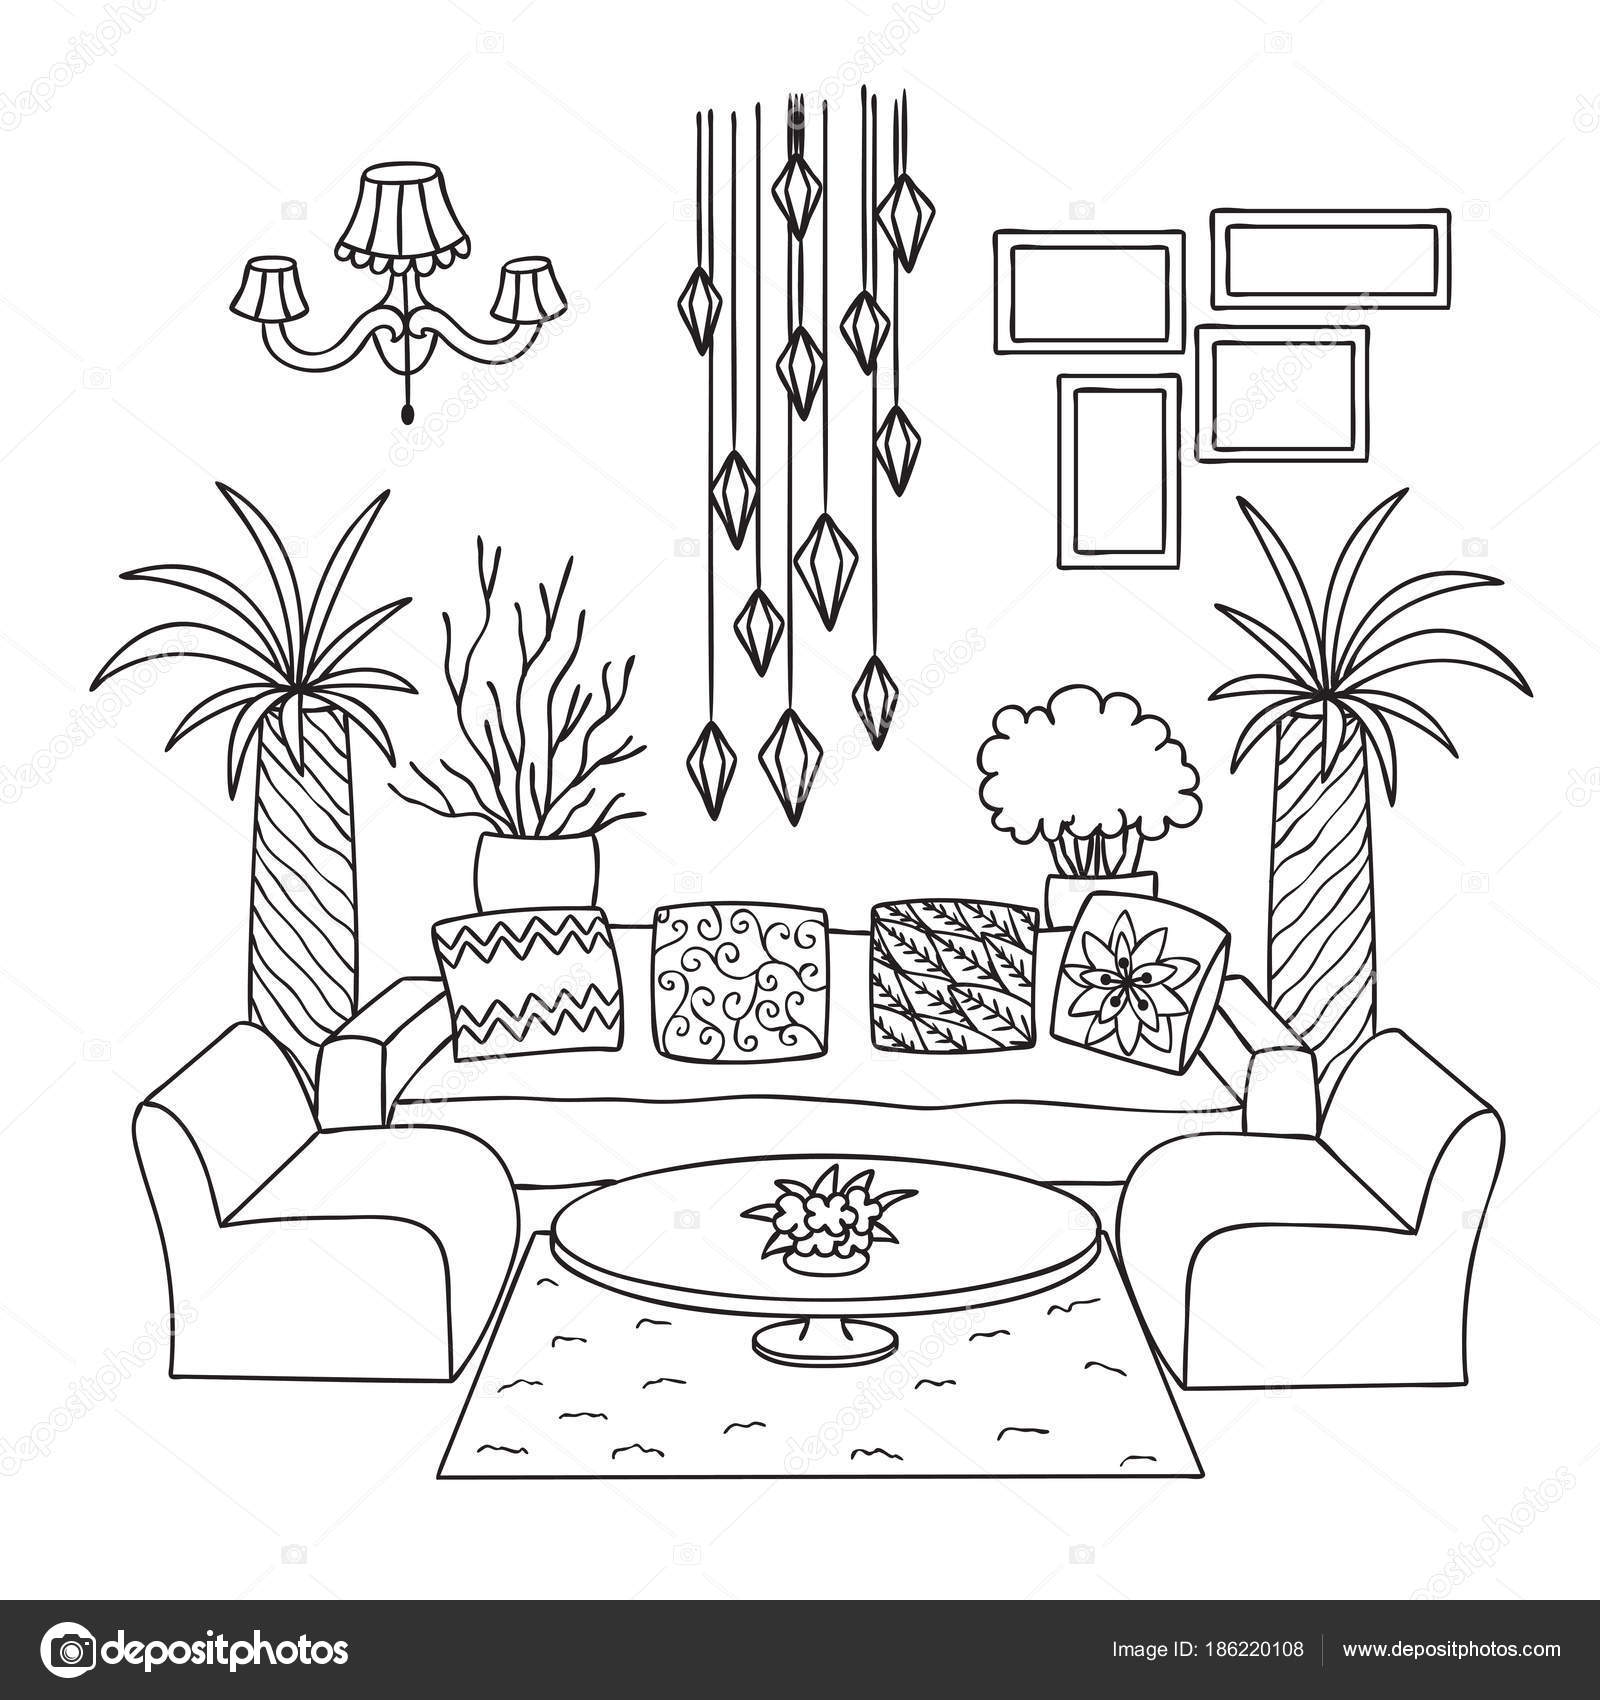 M o sala desenhada para elemento design p gina livro for Comedor para dibujar